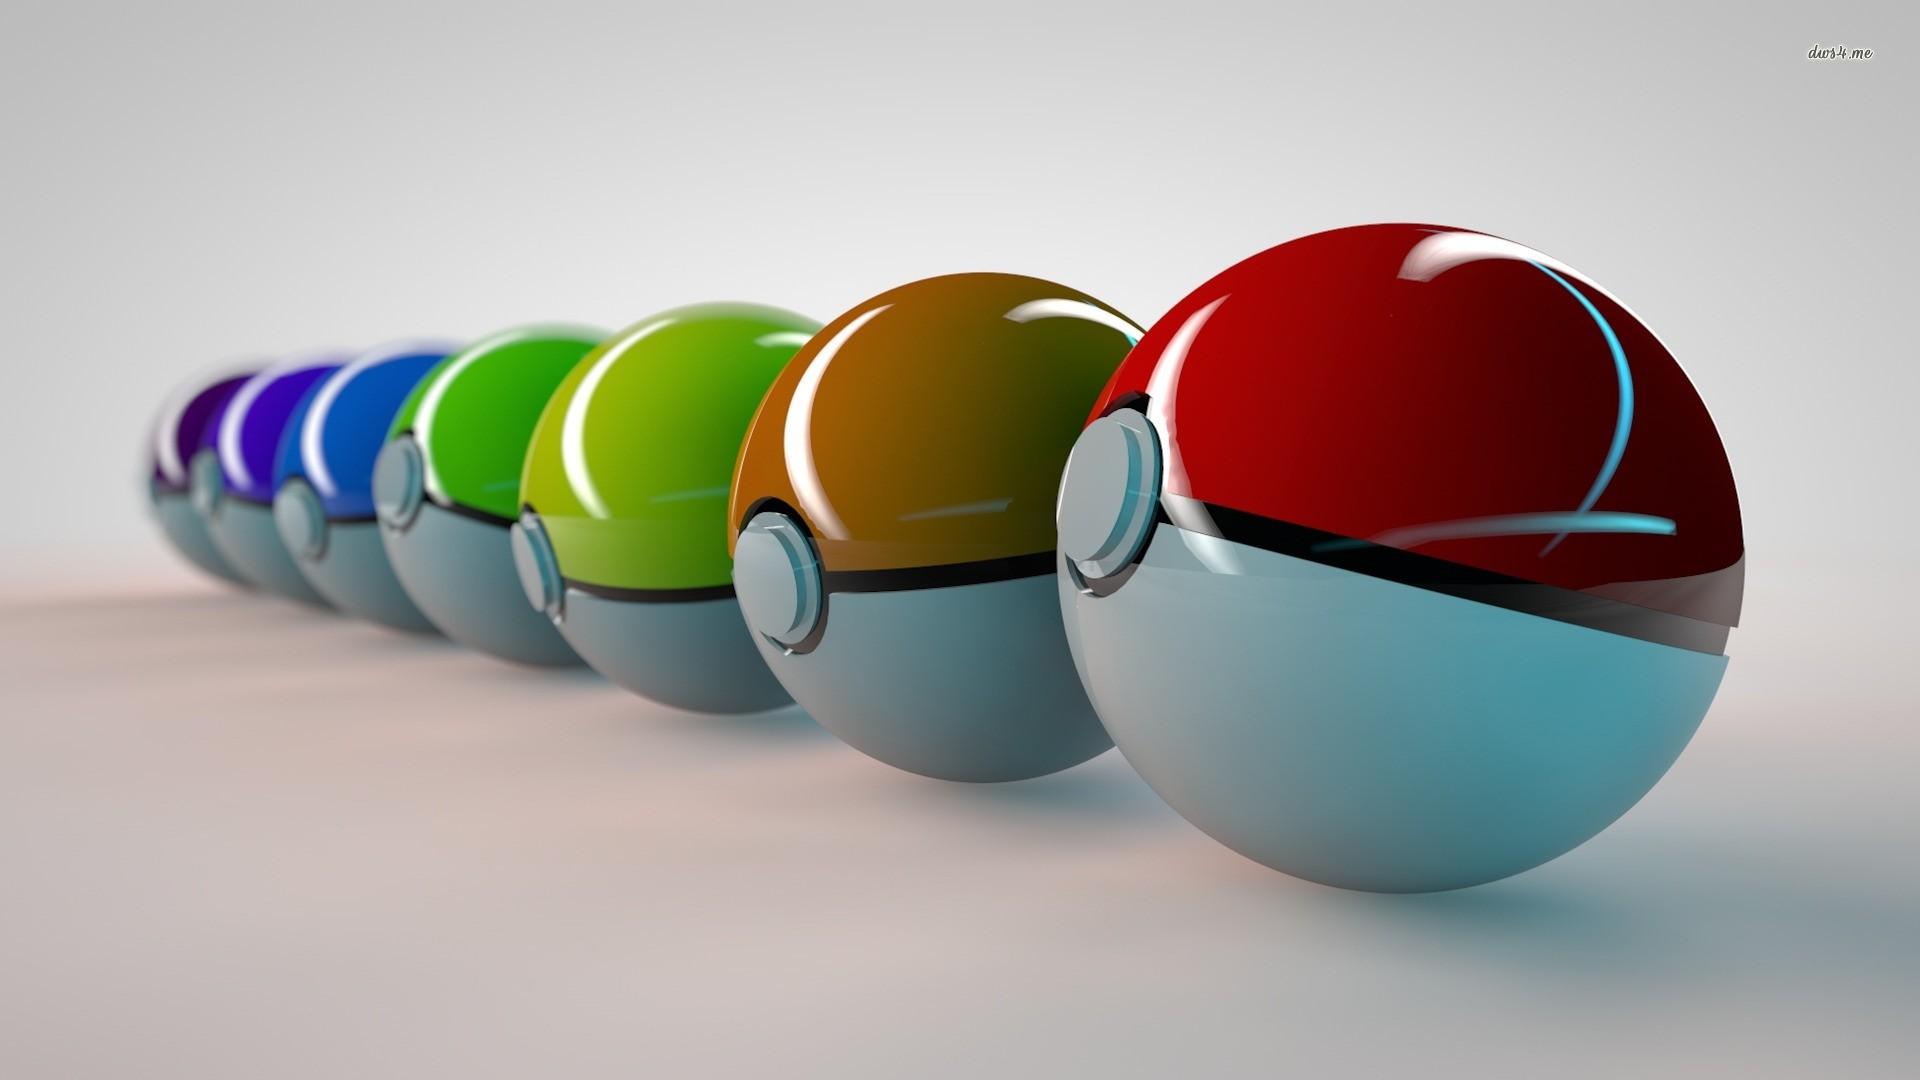 3D Pokeballs Wallpaper